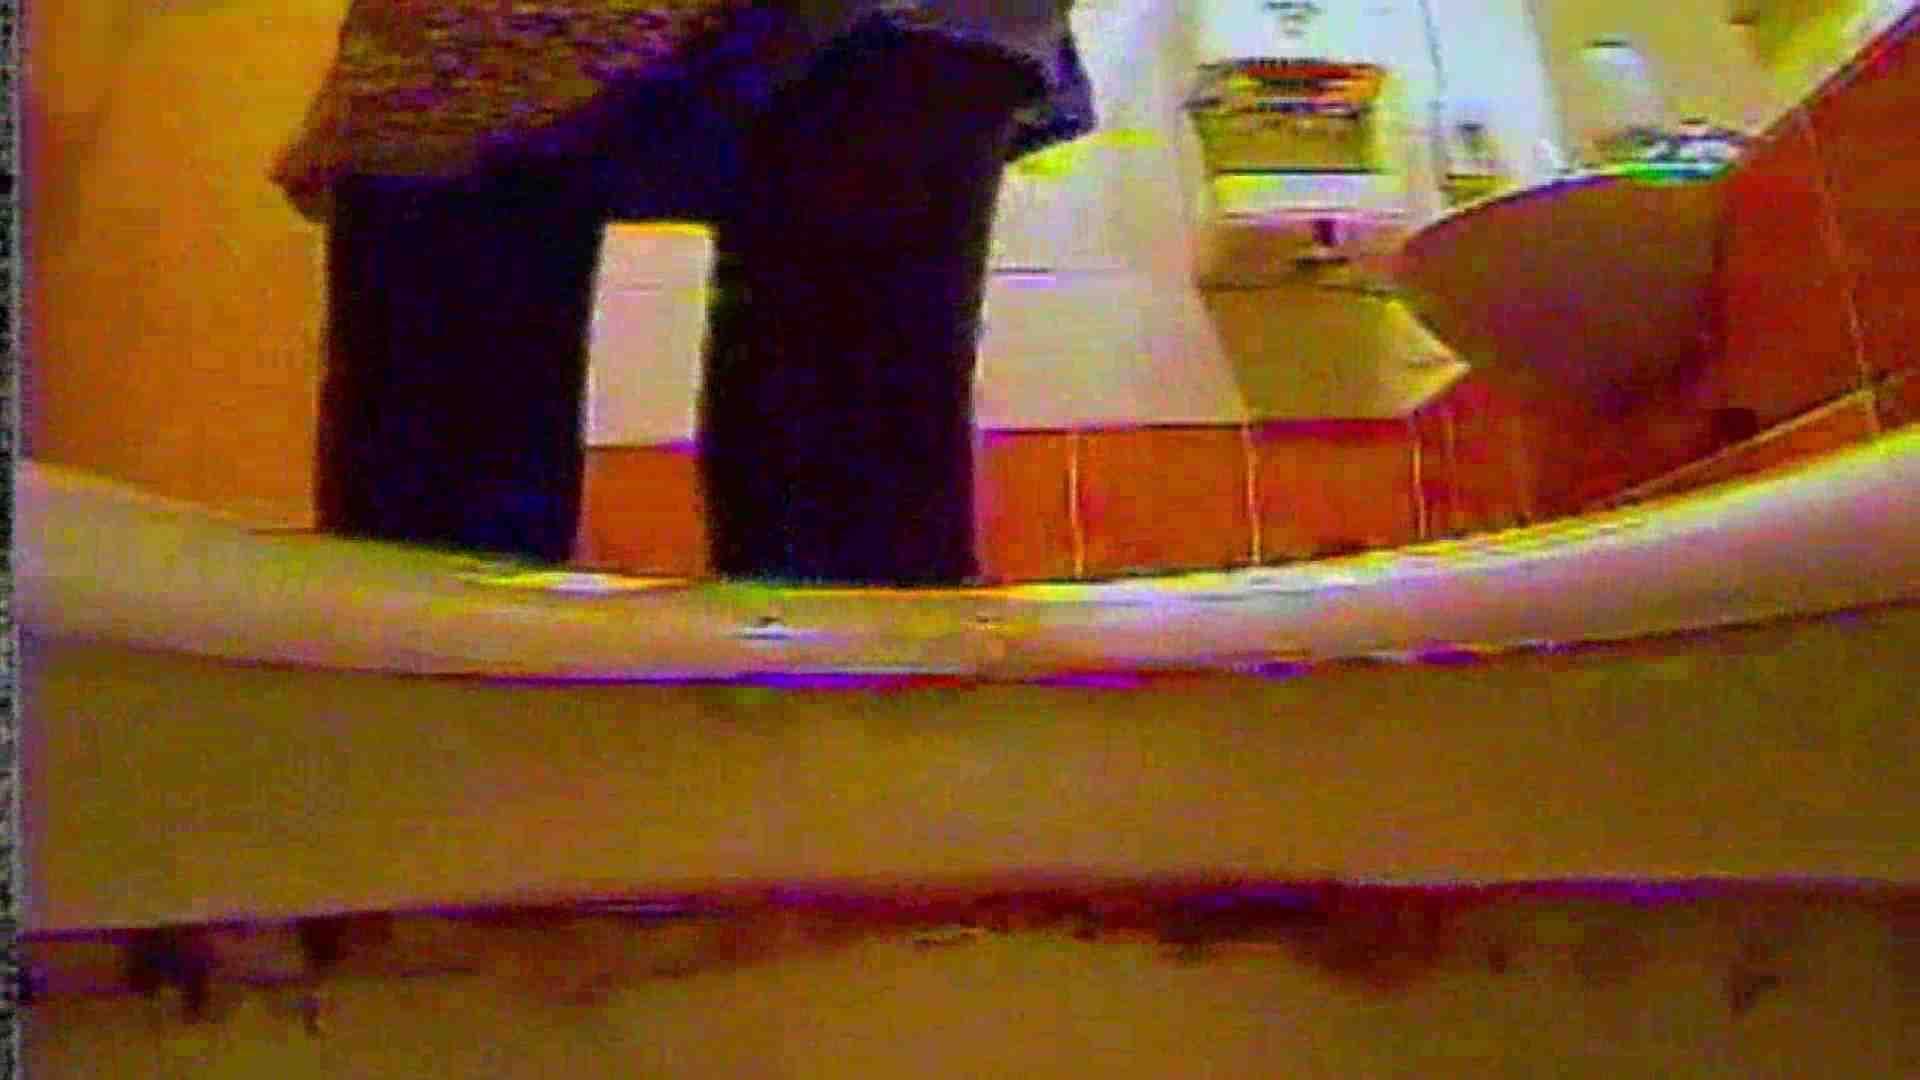 キレカワ女子大生の秘密の洗面所!Vol.048 学校 おまんこ無修正動画無料 109画像 6